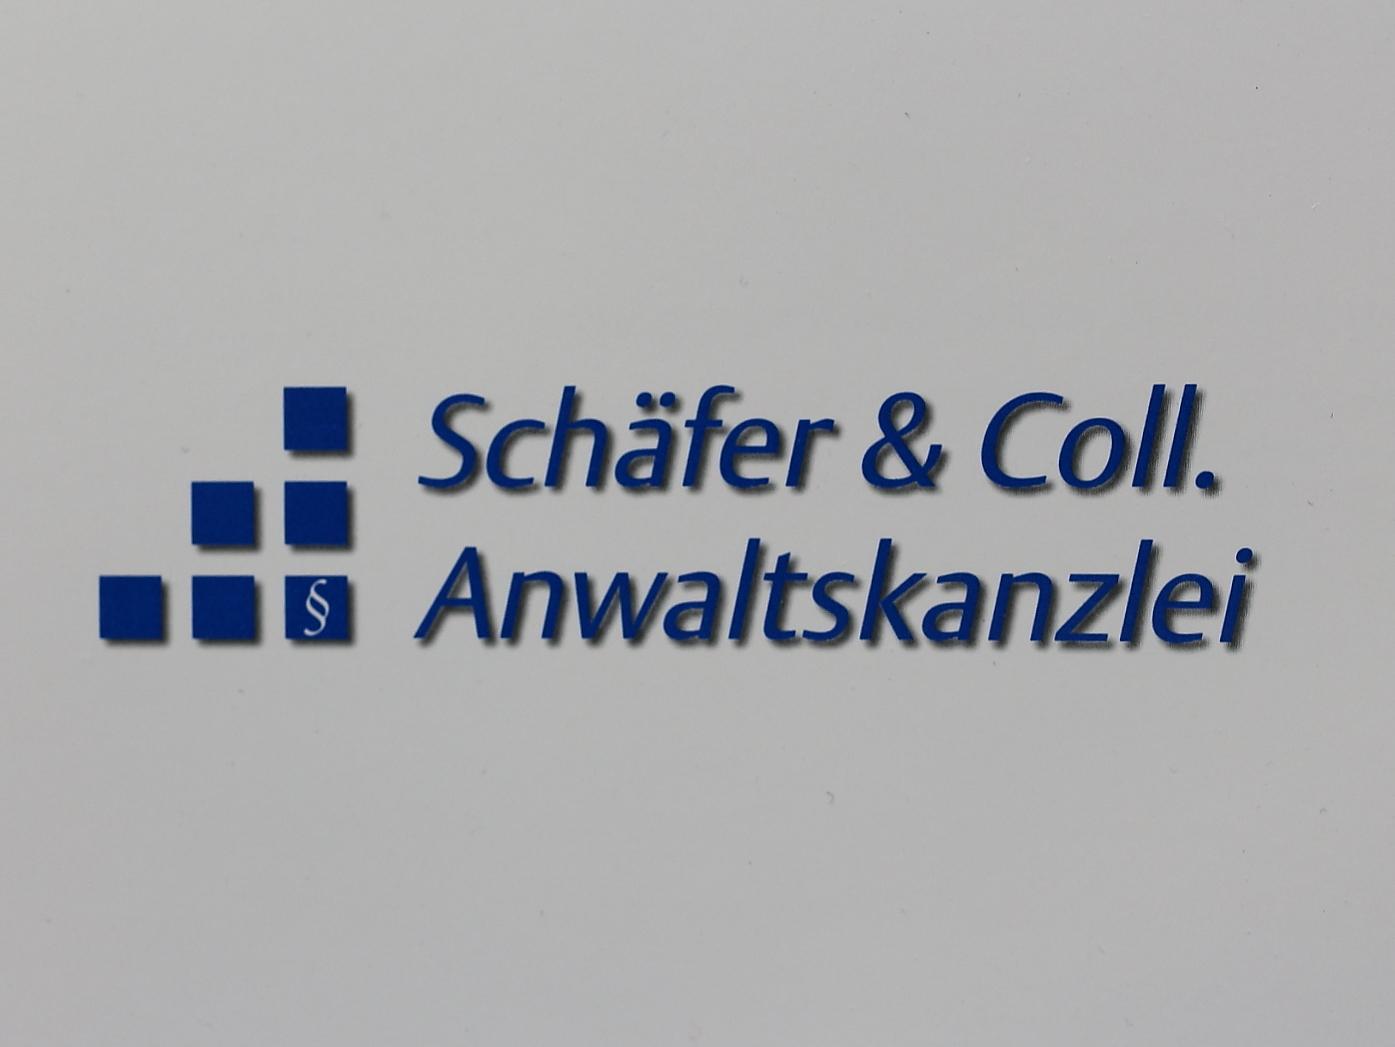 Kanzlei Schäfer & Coll.